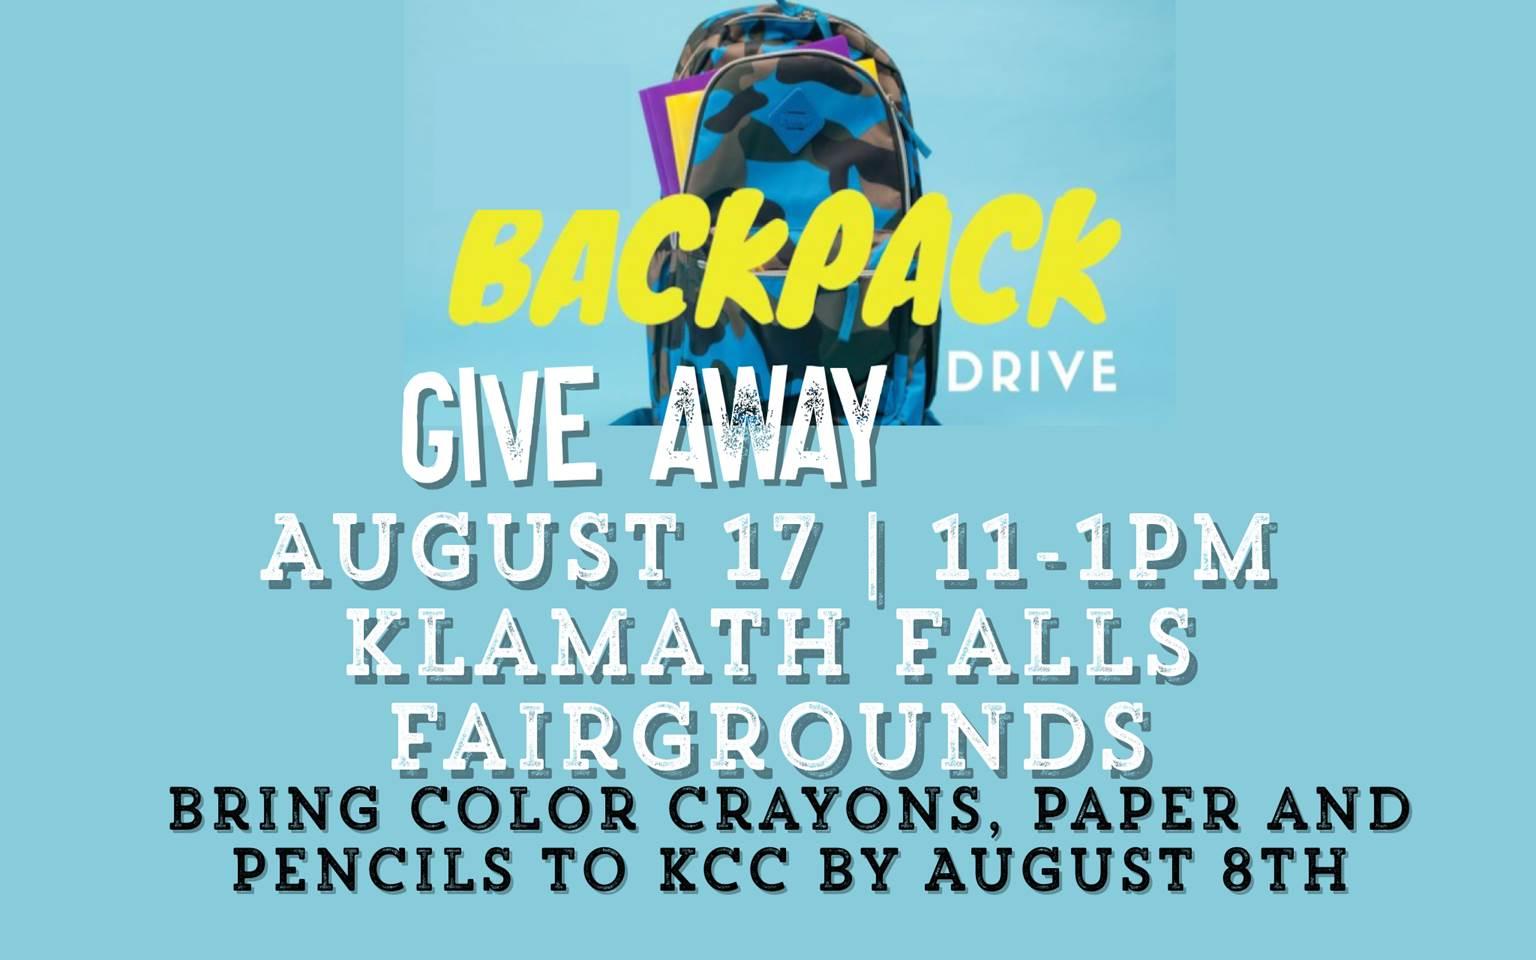 Backpack giveaway jpeg.jpg